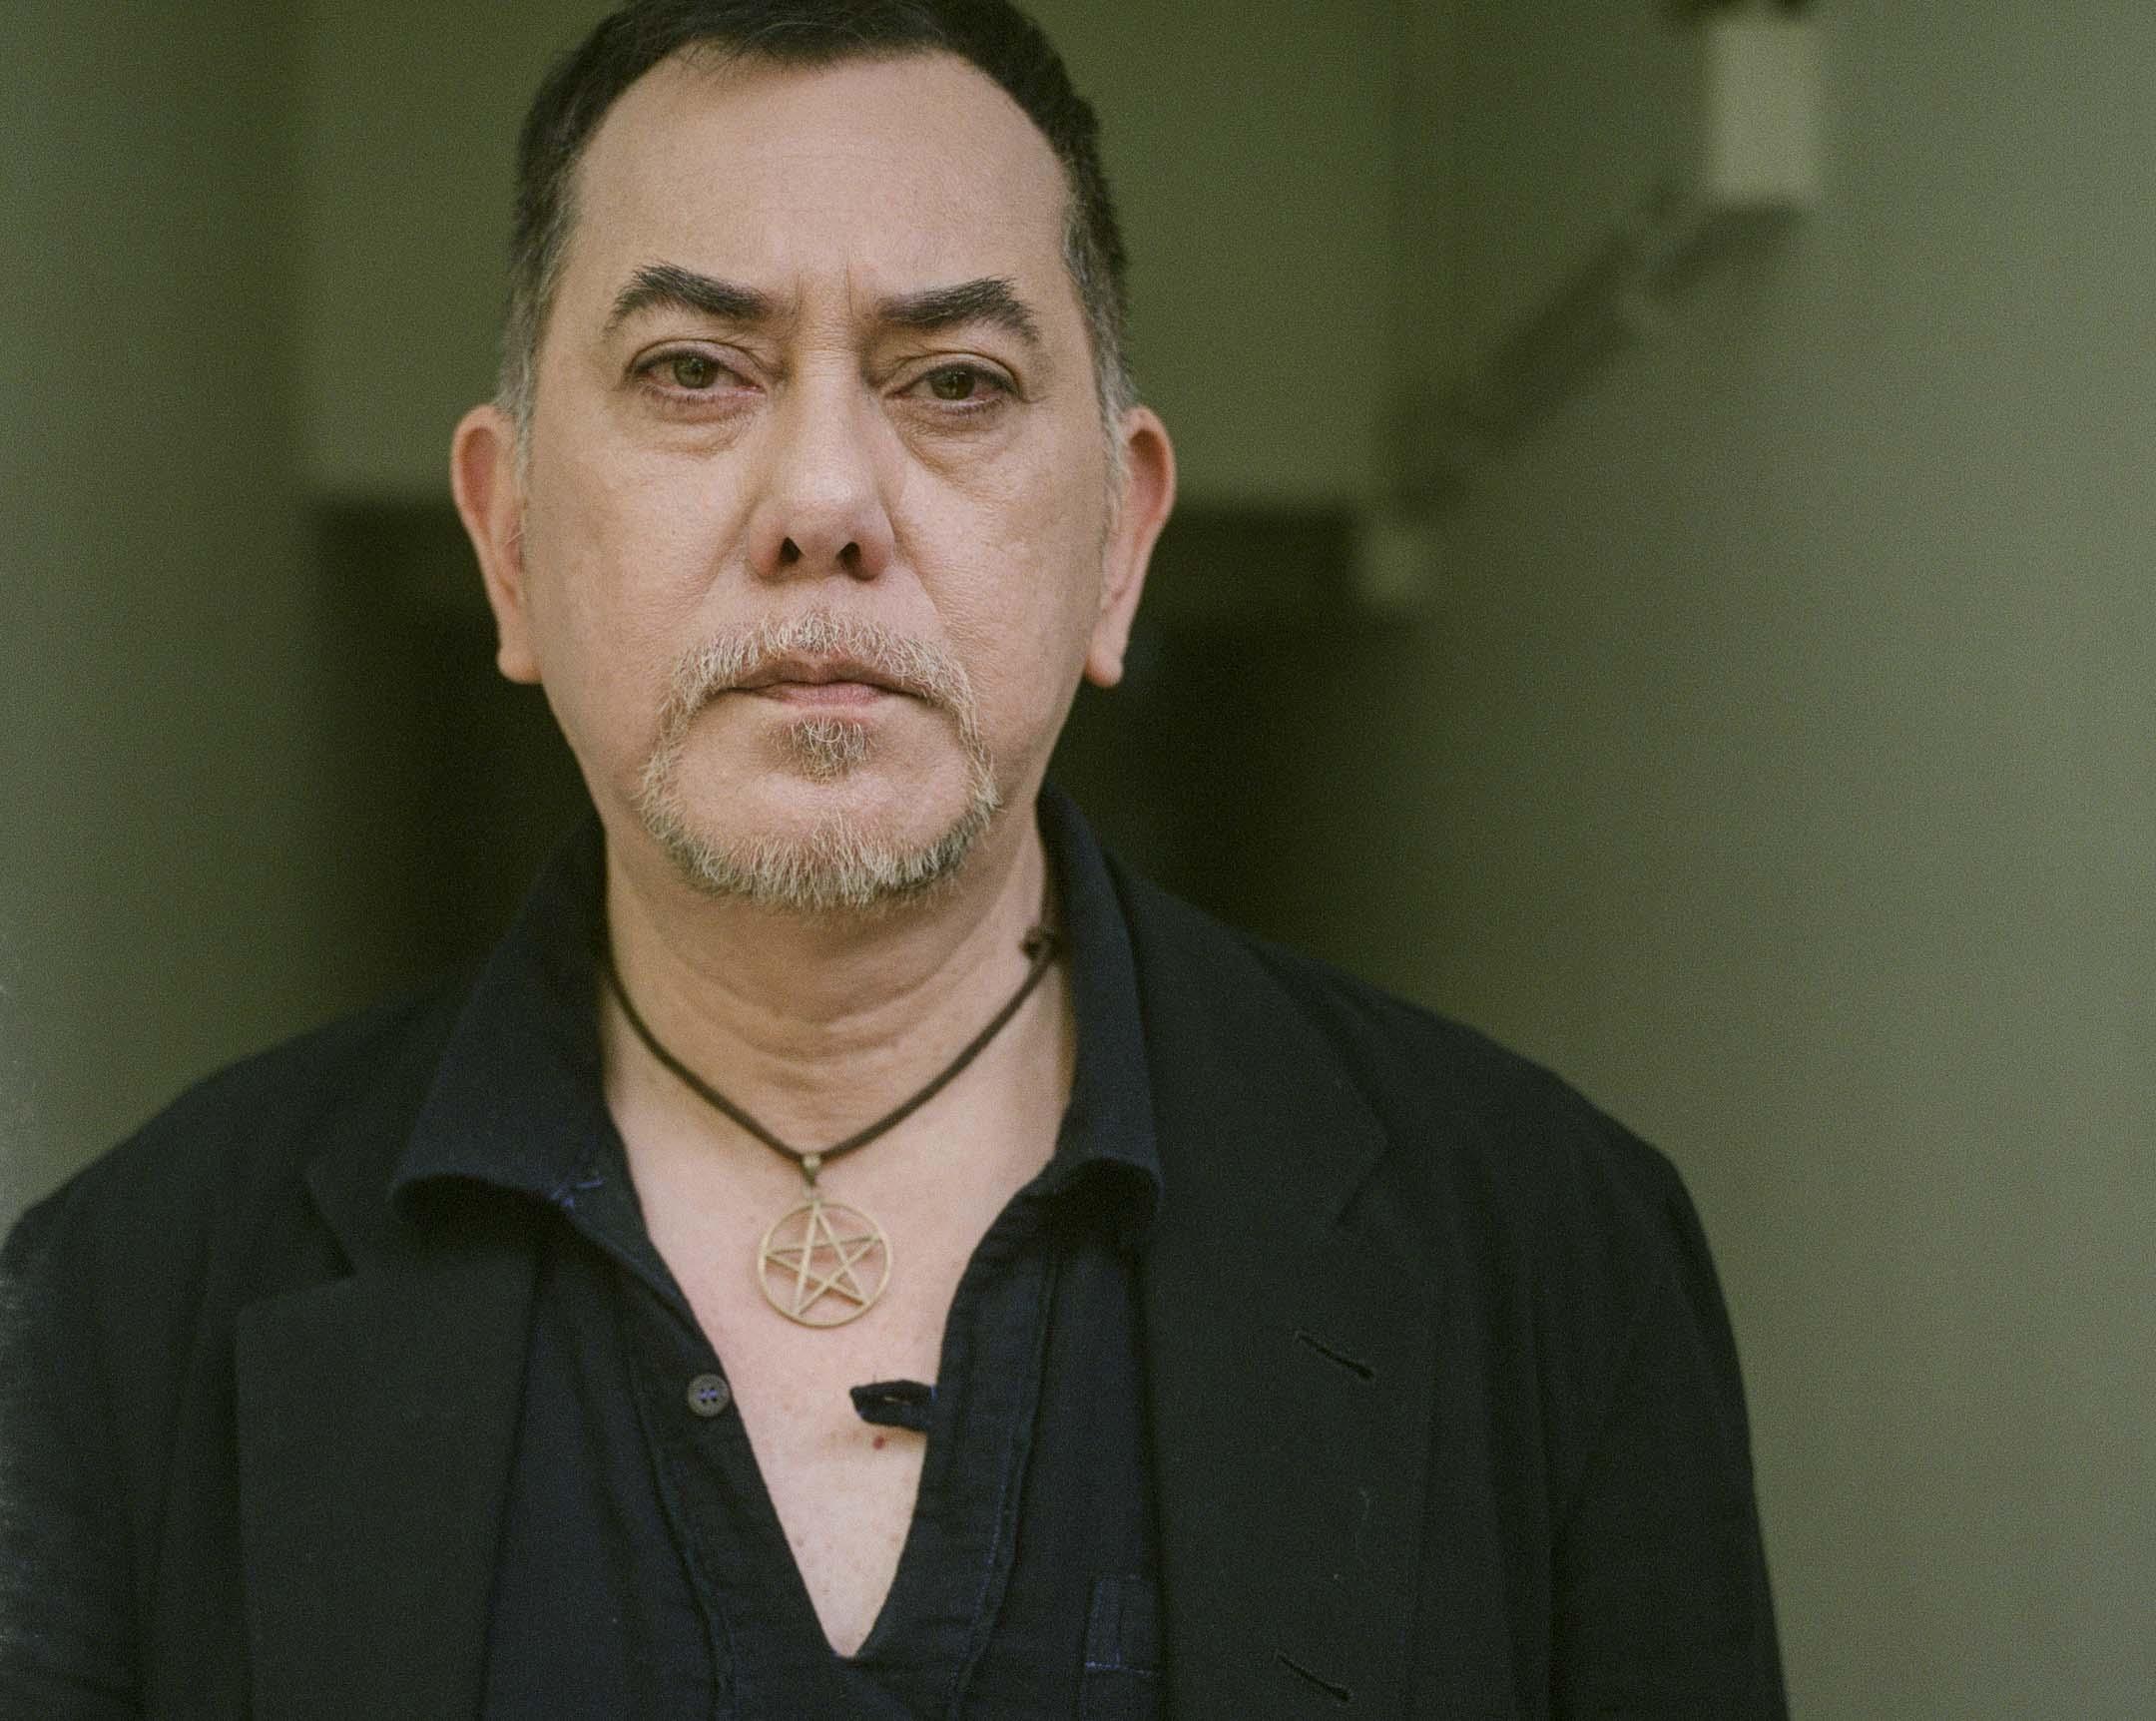 黃秋生,自雨傘運動之後,53歲到58歲,這名獲得4次金像獎,3次金馬獎的香港演員,被香港主流電影圈放逐了5年。 攝:林振東/端傳媒